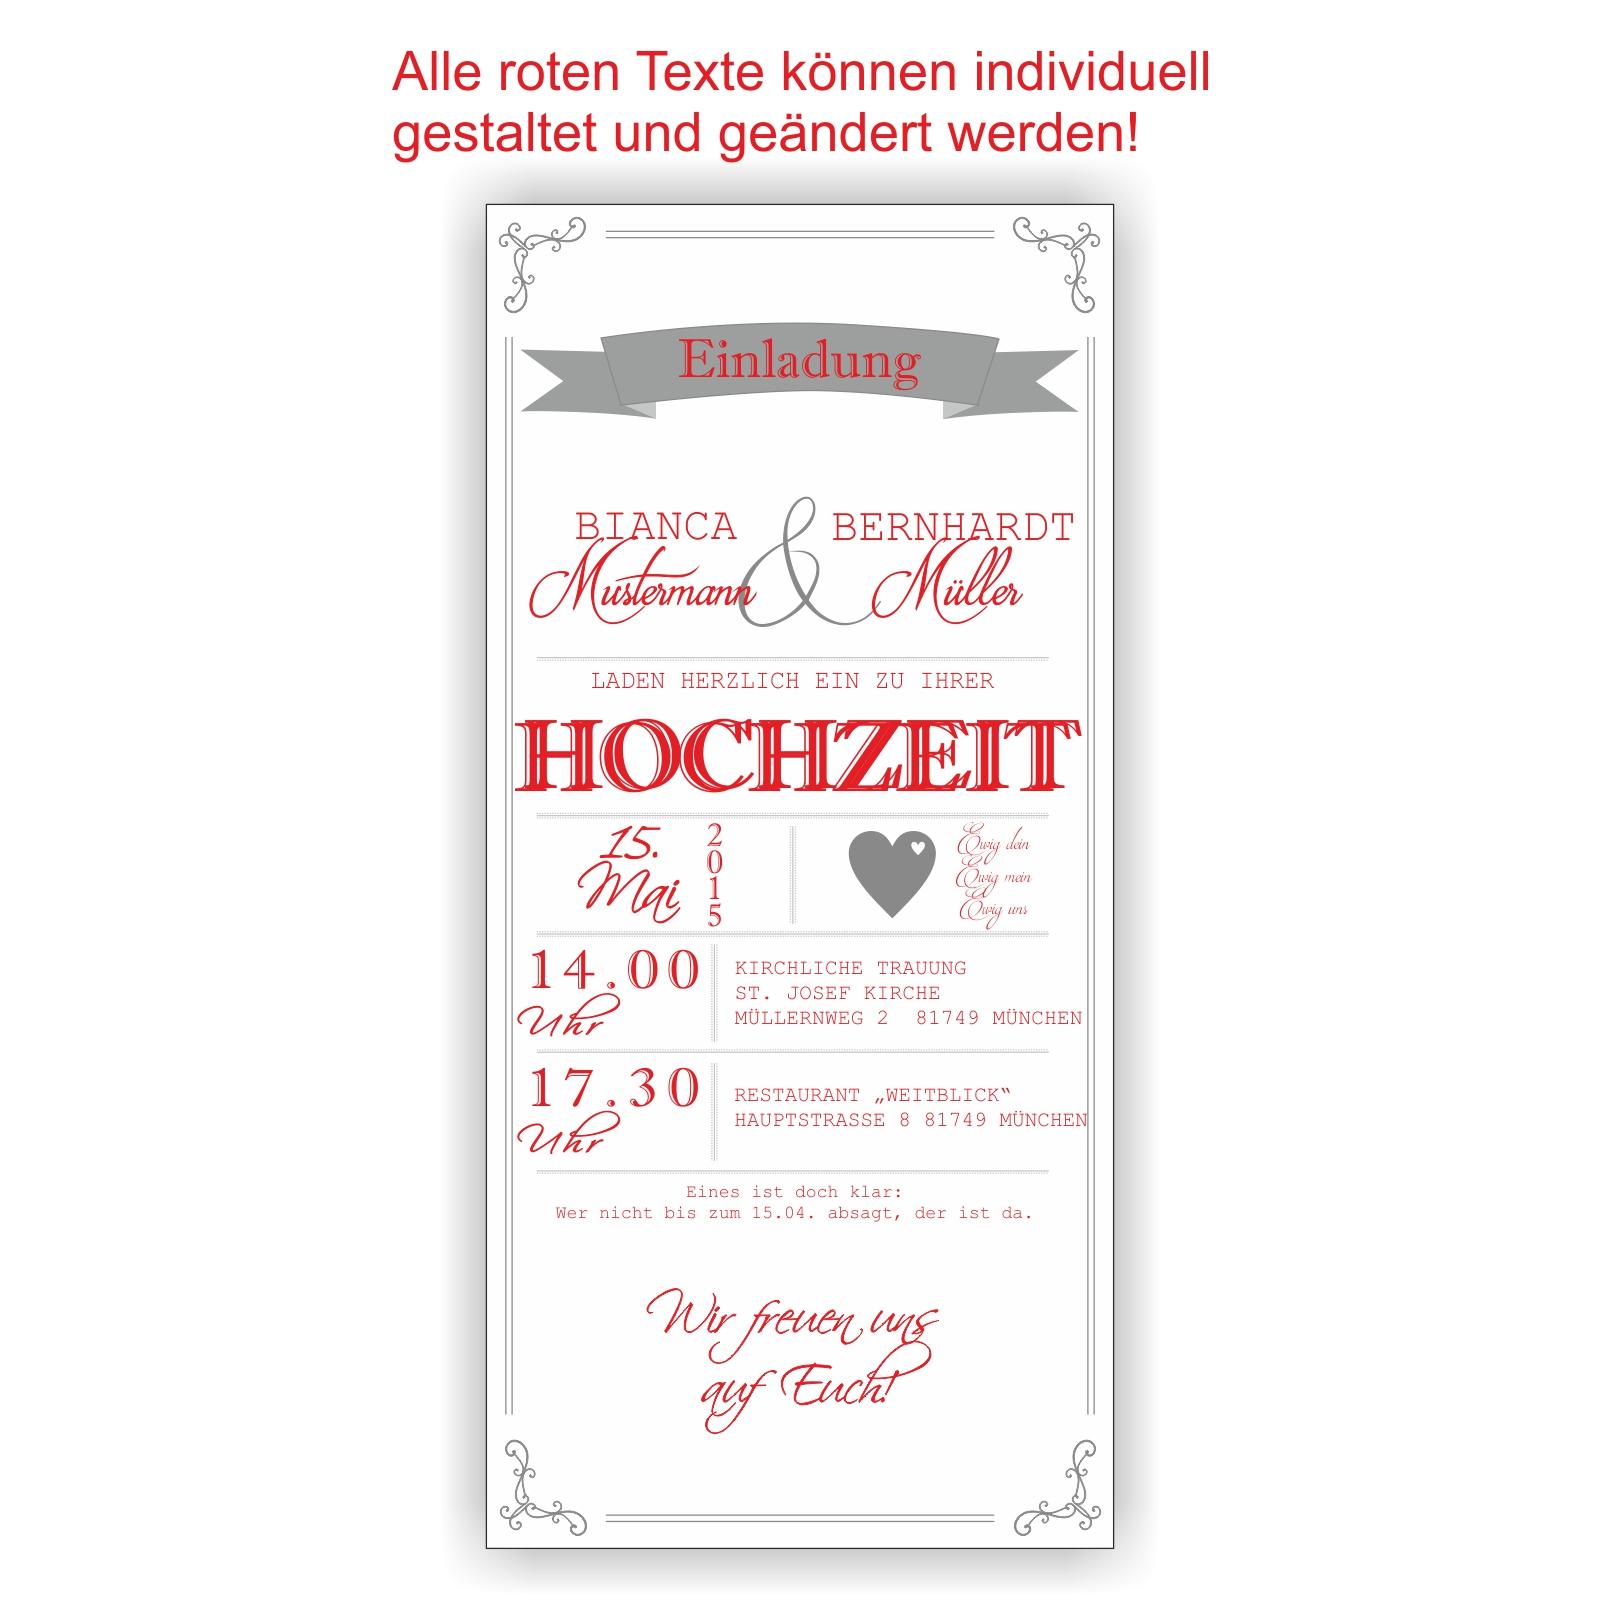 Einladung zur Hochzeit Einladungskarte Hochzeitseinladung Wedding HO18